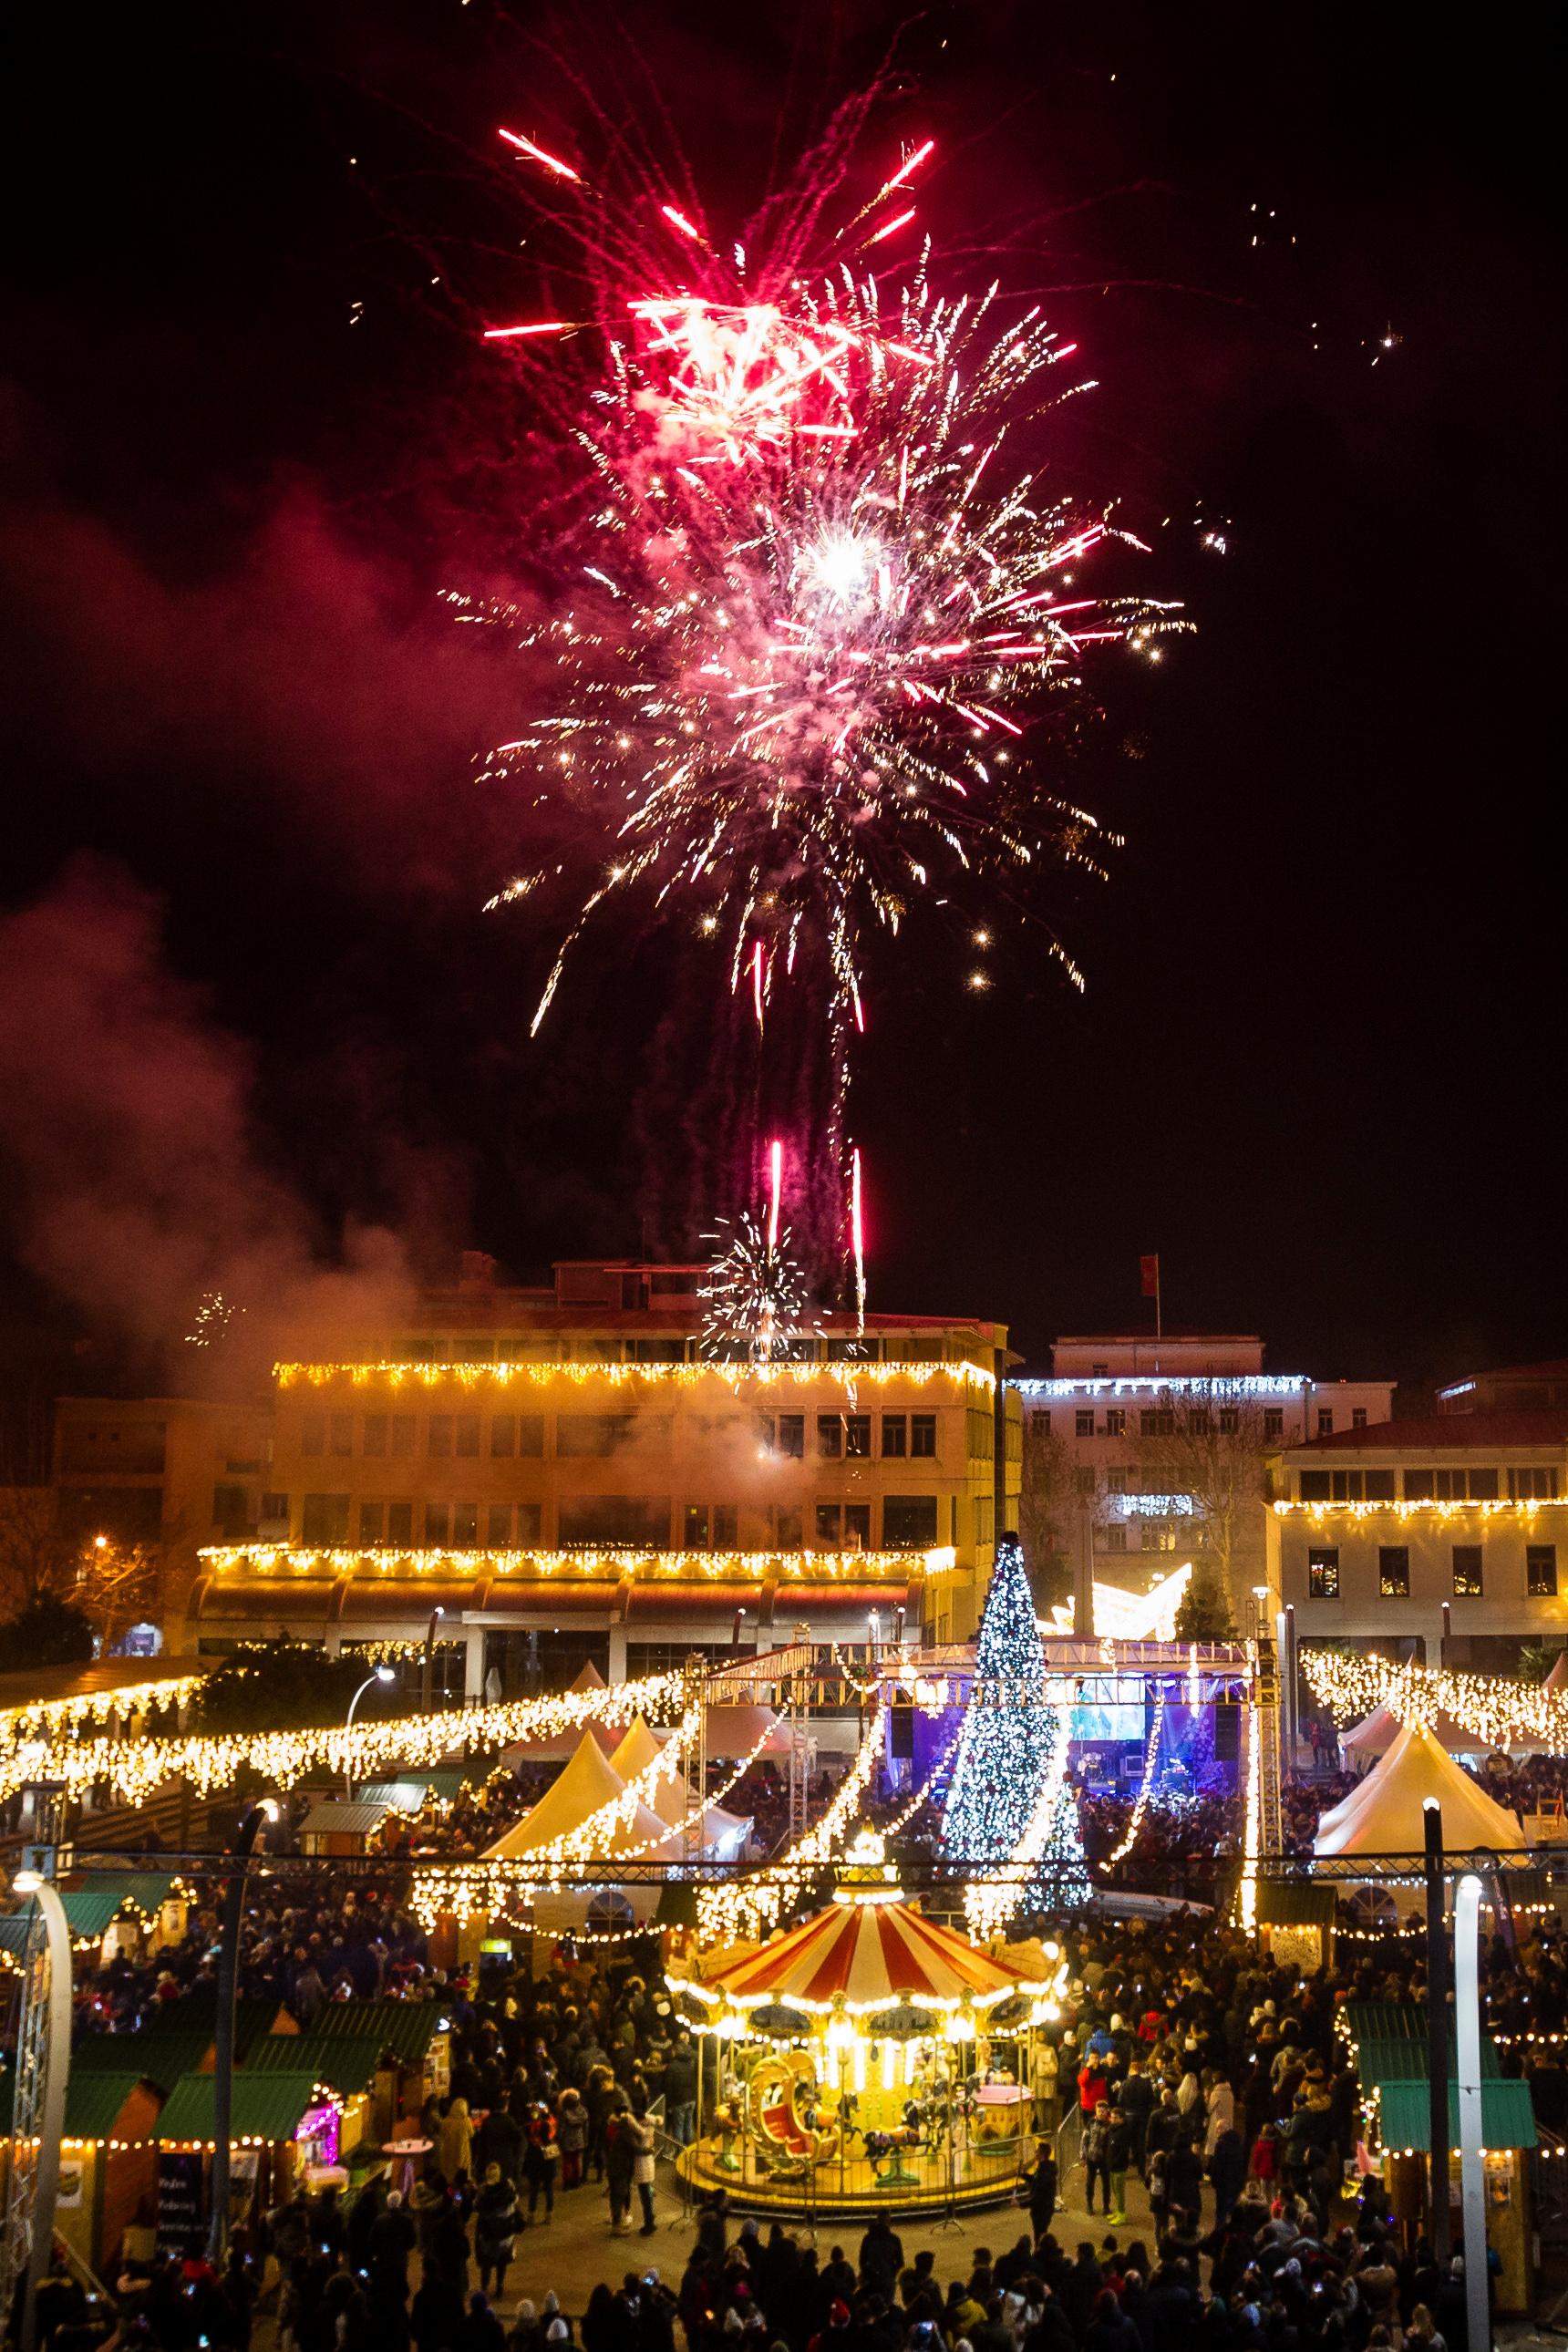 Fuegos artificiales explotaron sobre la plaza principal de Podgorica durante las celebraciones de Año Nuevo en Montenegro (REUTERS/Stevo Vasiljevic)